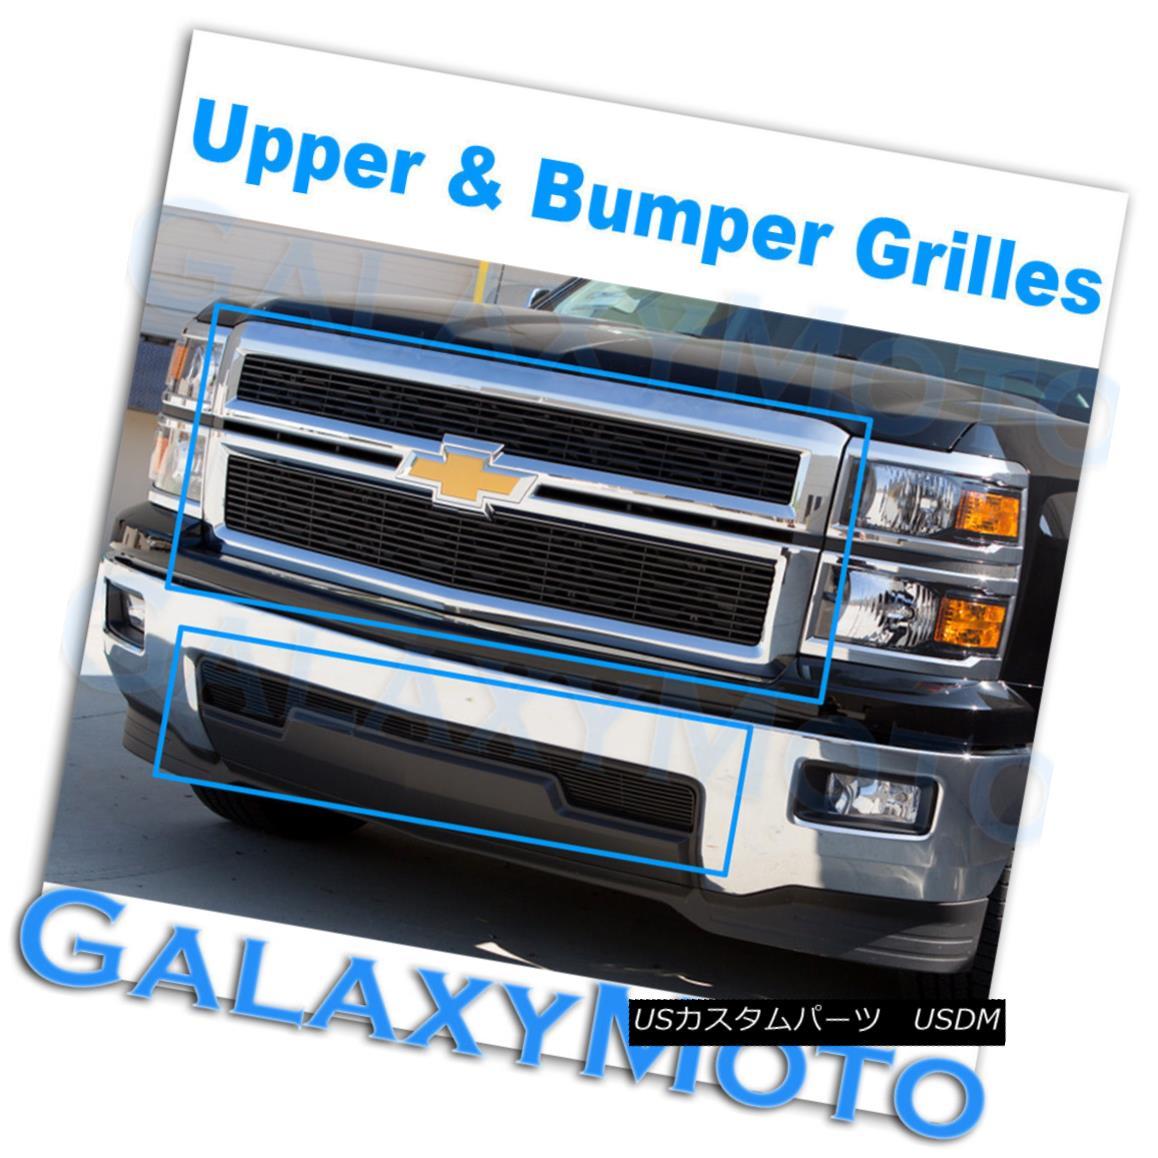 グリル 14-15 Silverado 1500 Black Upper+Bumper+W/O Tow Hook Billet Grille Overlay Combo 14-15 Silverado 1500 Blackアッパー+バンパー+ W / Oトウフックビレットグリルオーバーレイコンボ